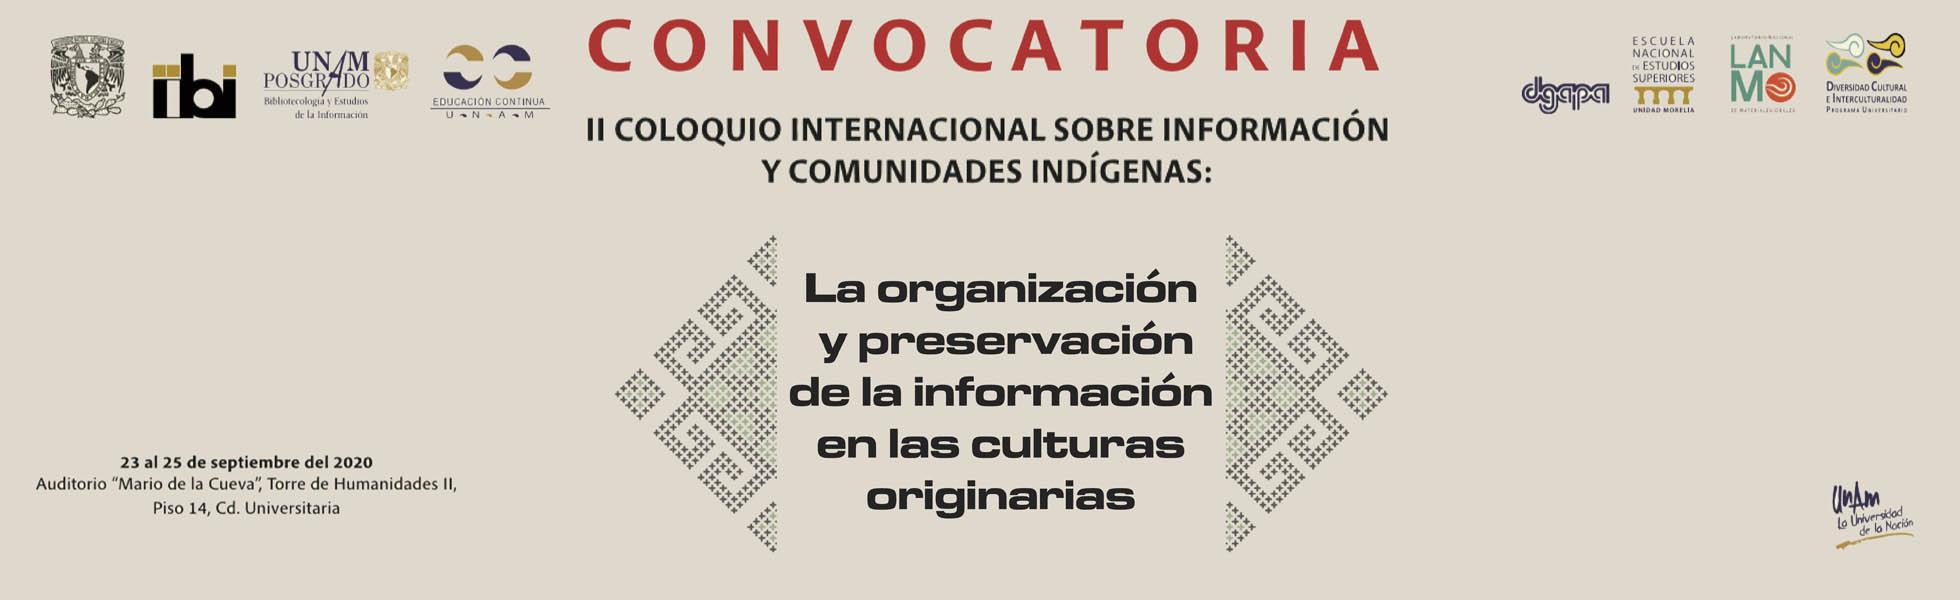 CONVOCATORIA Coloquio Internacional sobre Información y Comunidades Indígenas